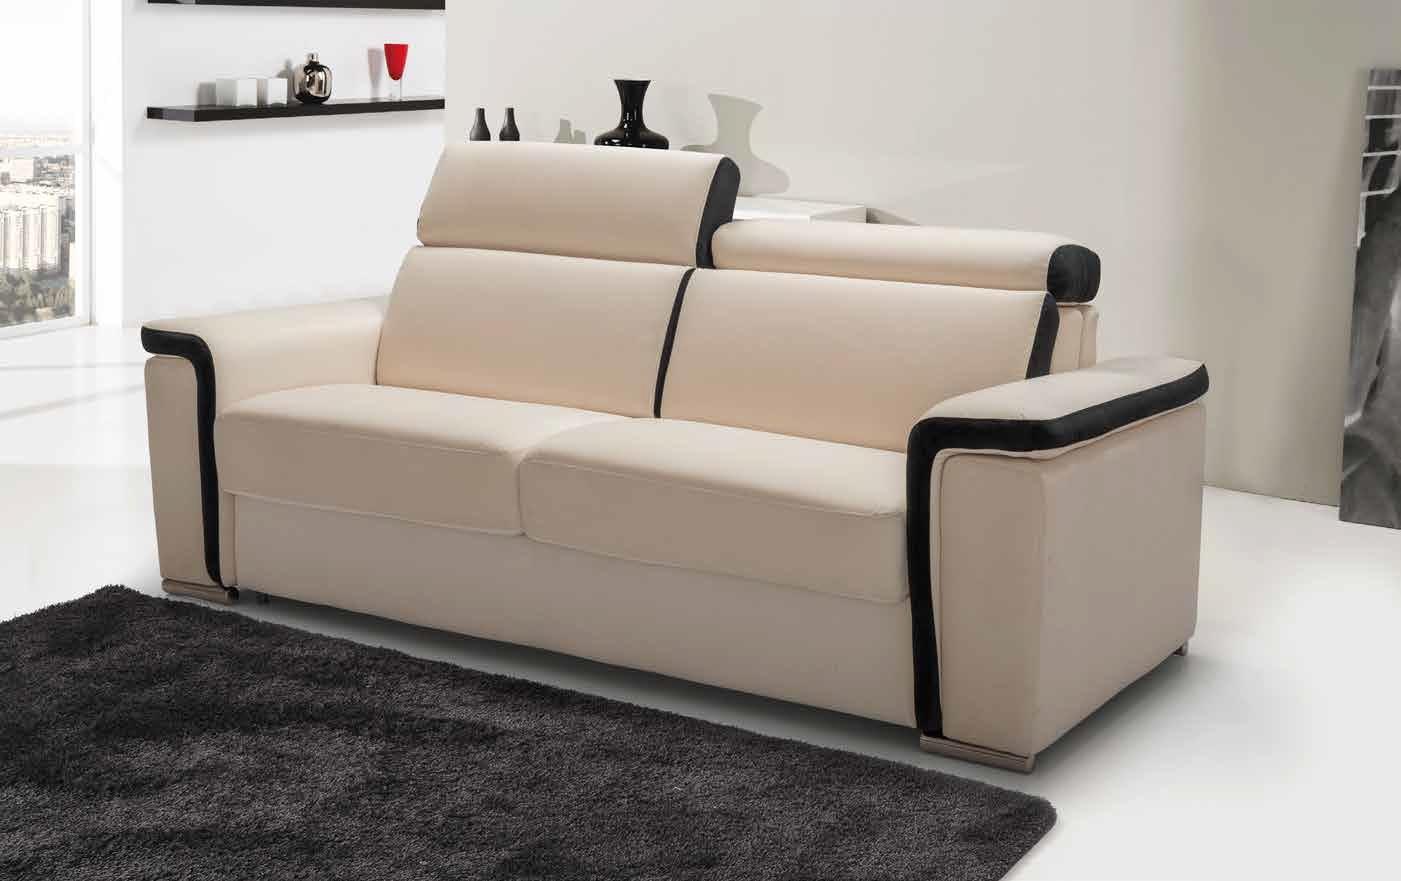 divano letto in ecopelle alta qualit divani a prezzi